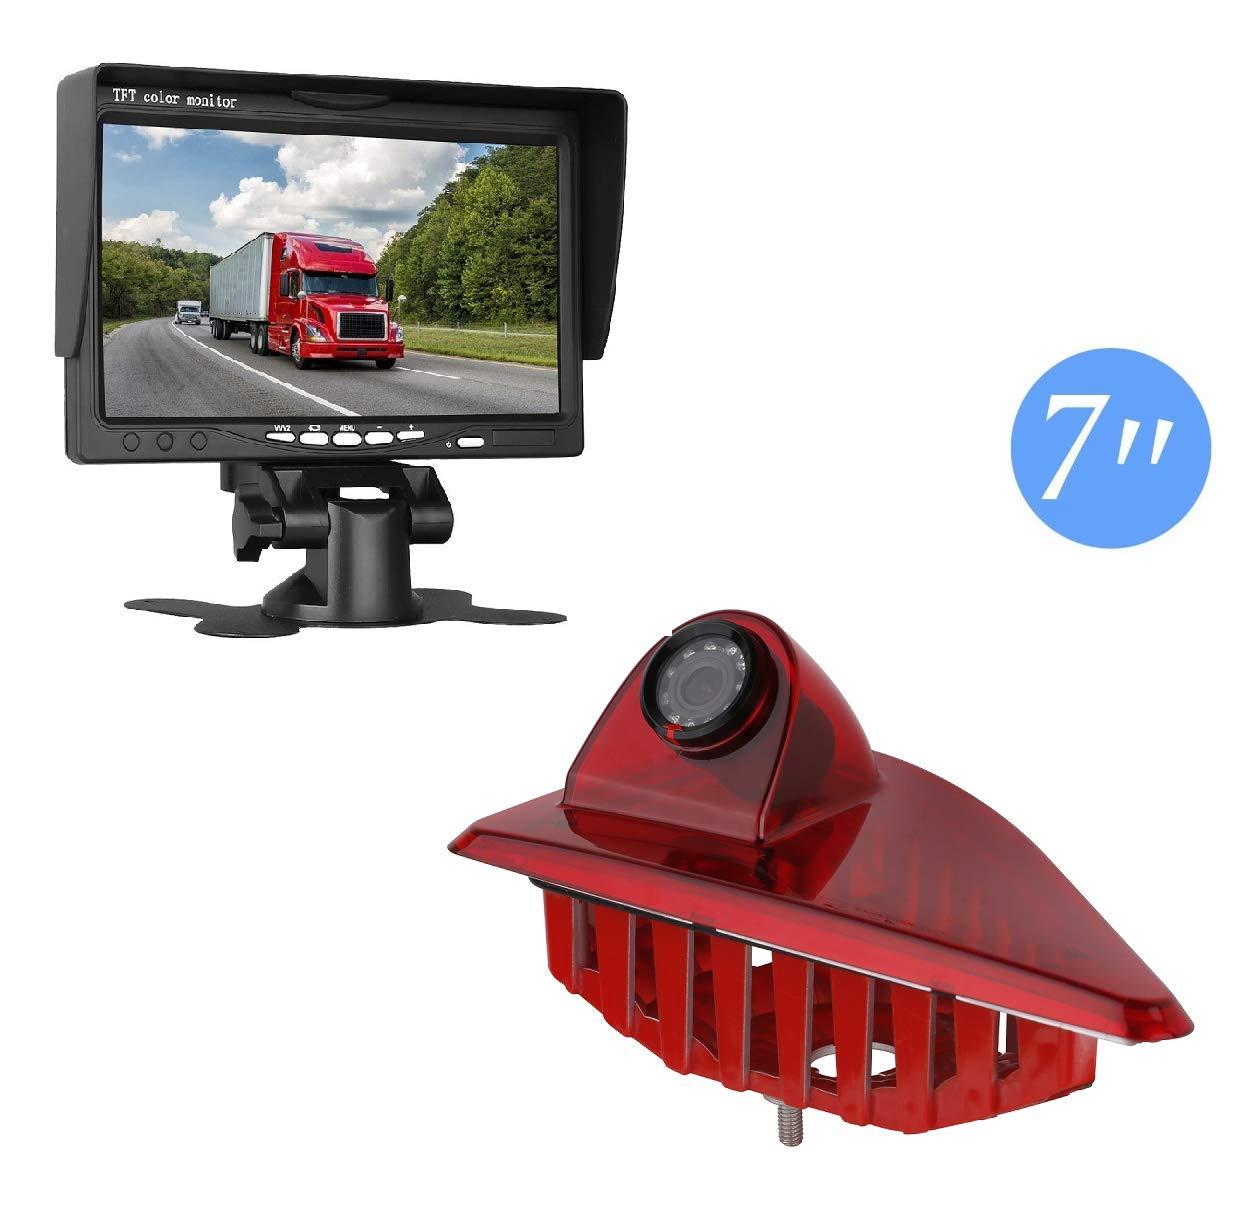 HD-Dritte-Dach-Bremsleuchte-Kamera-Bremslicht-Einparkkamera-Rckfahrkamera-Set-Nachtsicht-70-Zoll-Monitor-Bildschirm-LKW-KFZ-Display-fr-OPEL-Movano-B-Nissan-NV400-Renault-Master-III-2010-2019